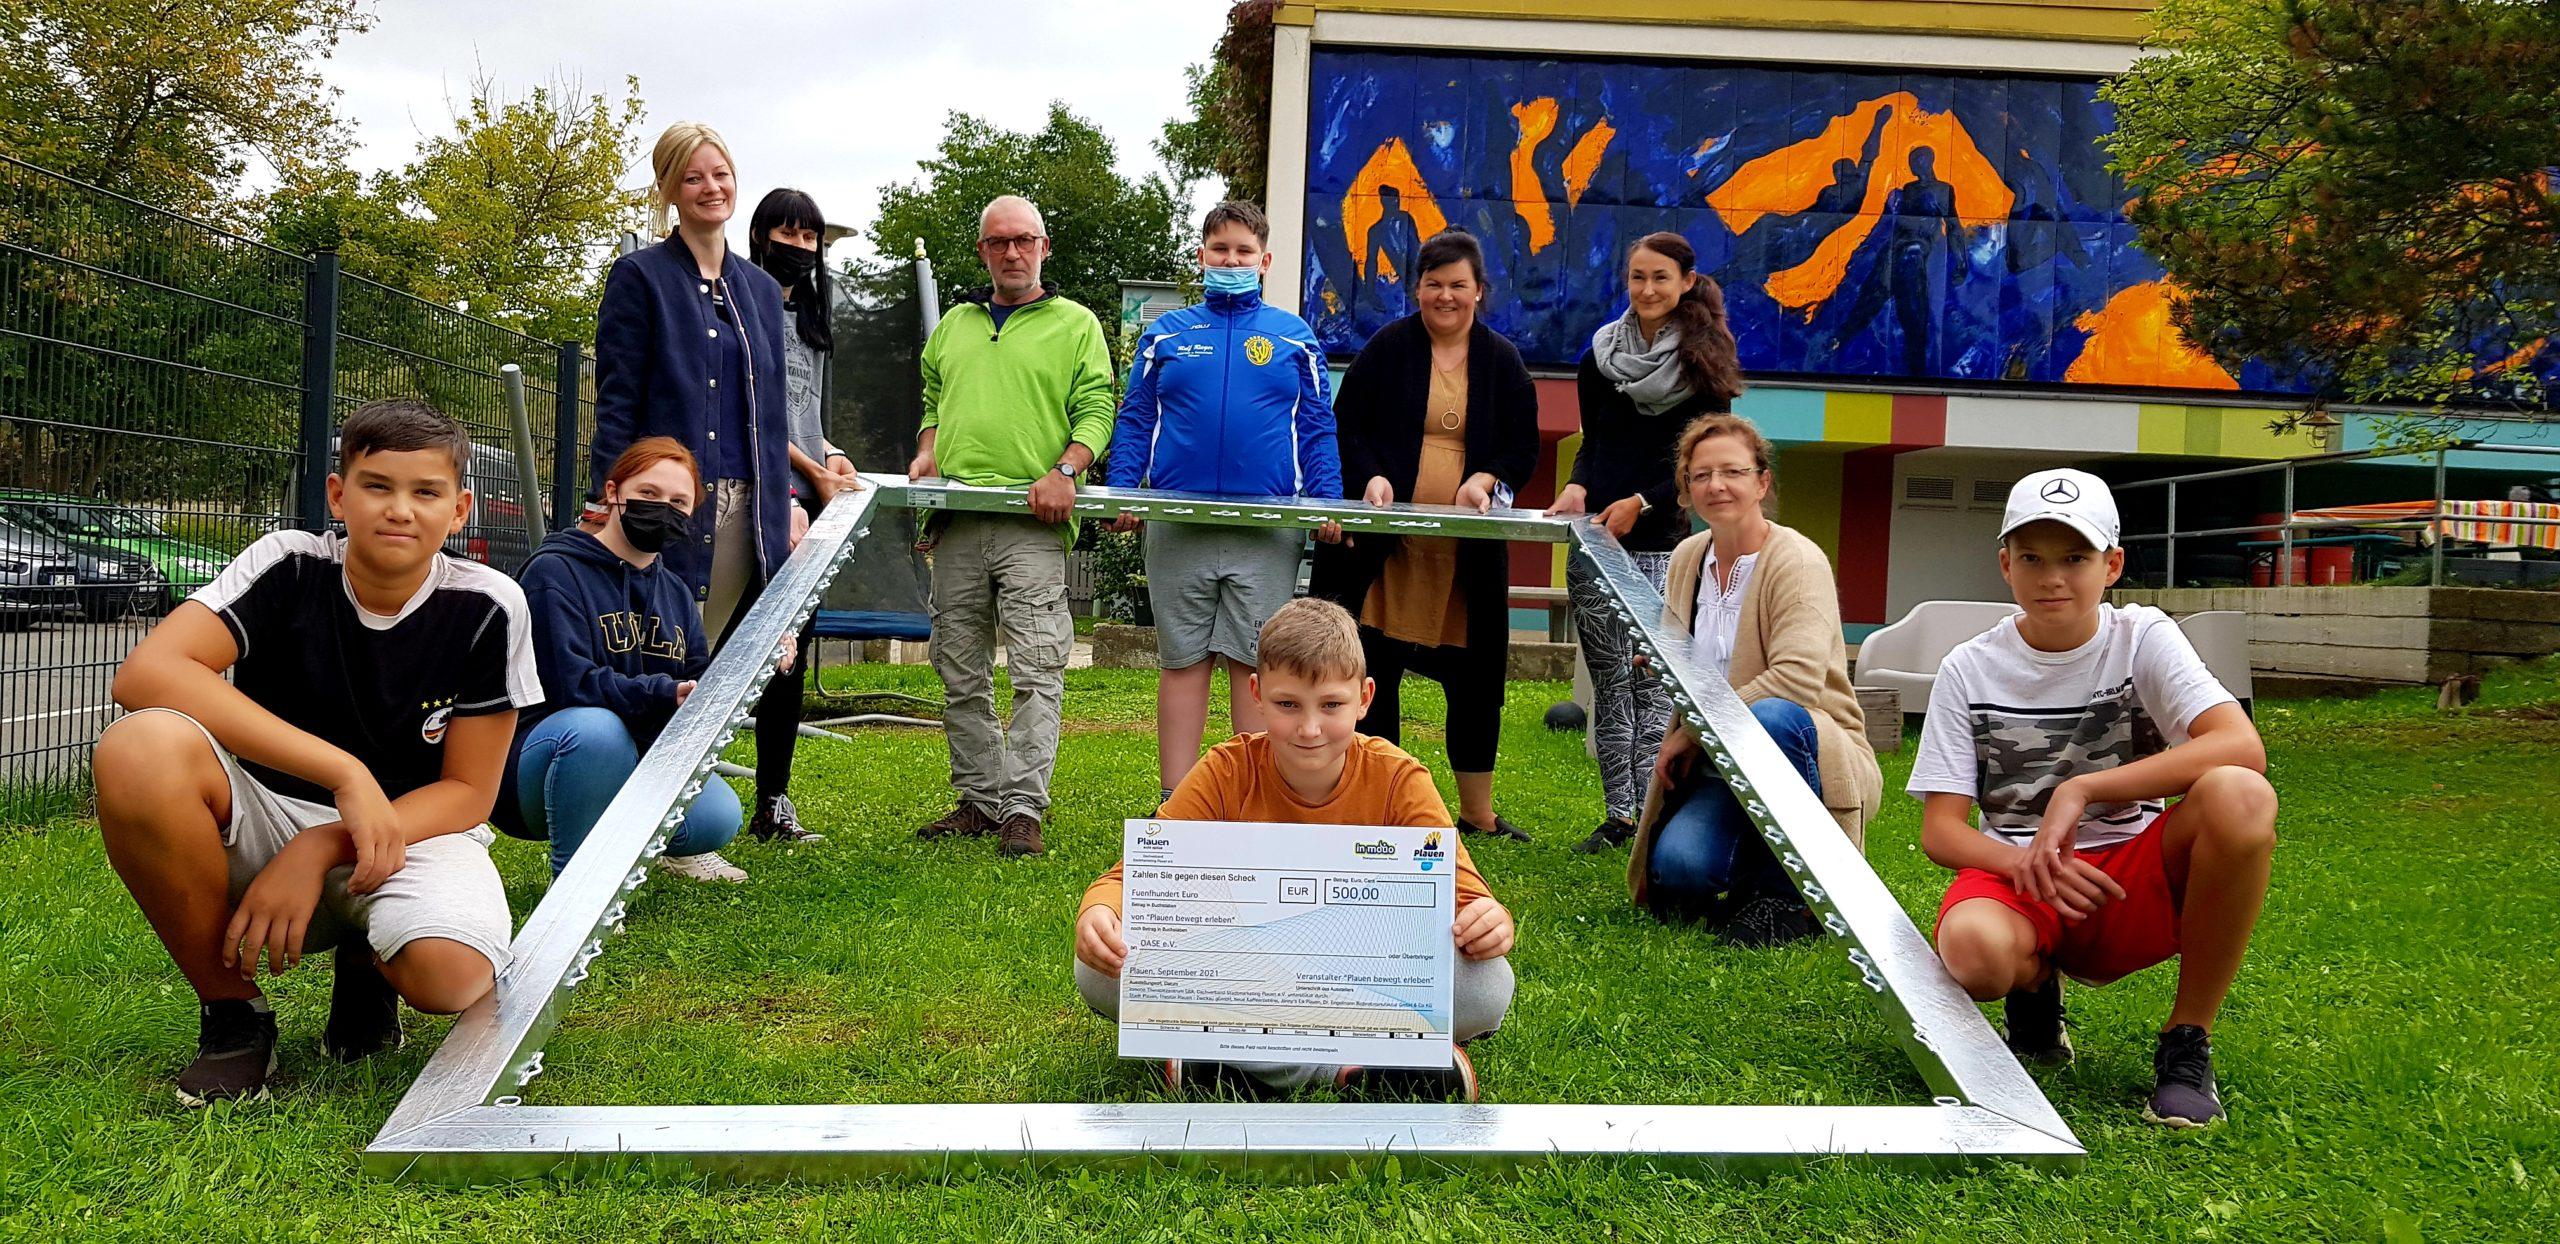 Jugendzentrum Oase freut sich über Spendenscheck